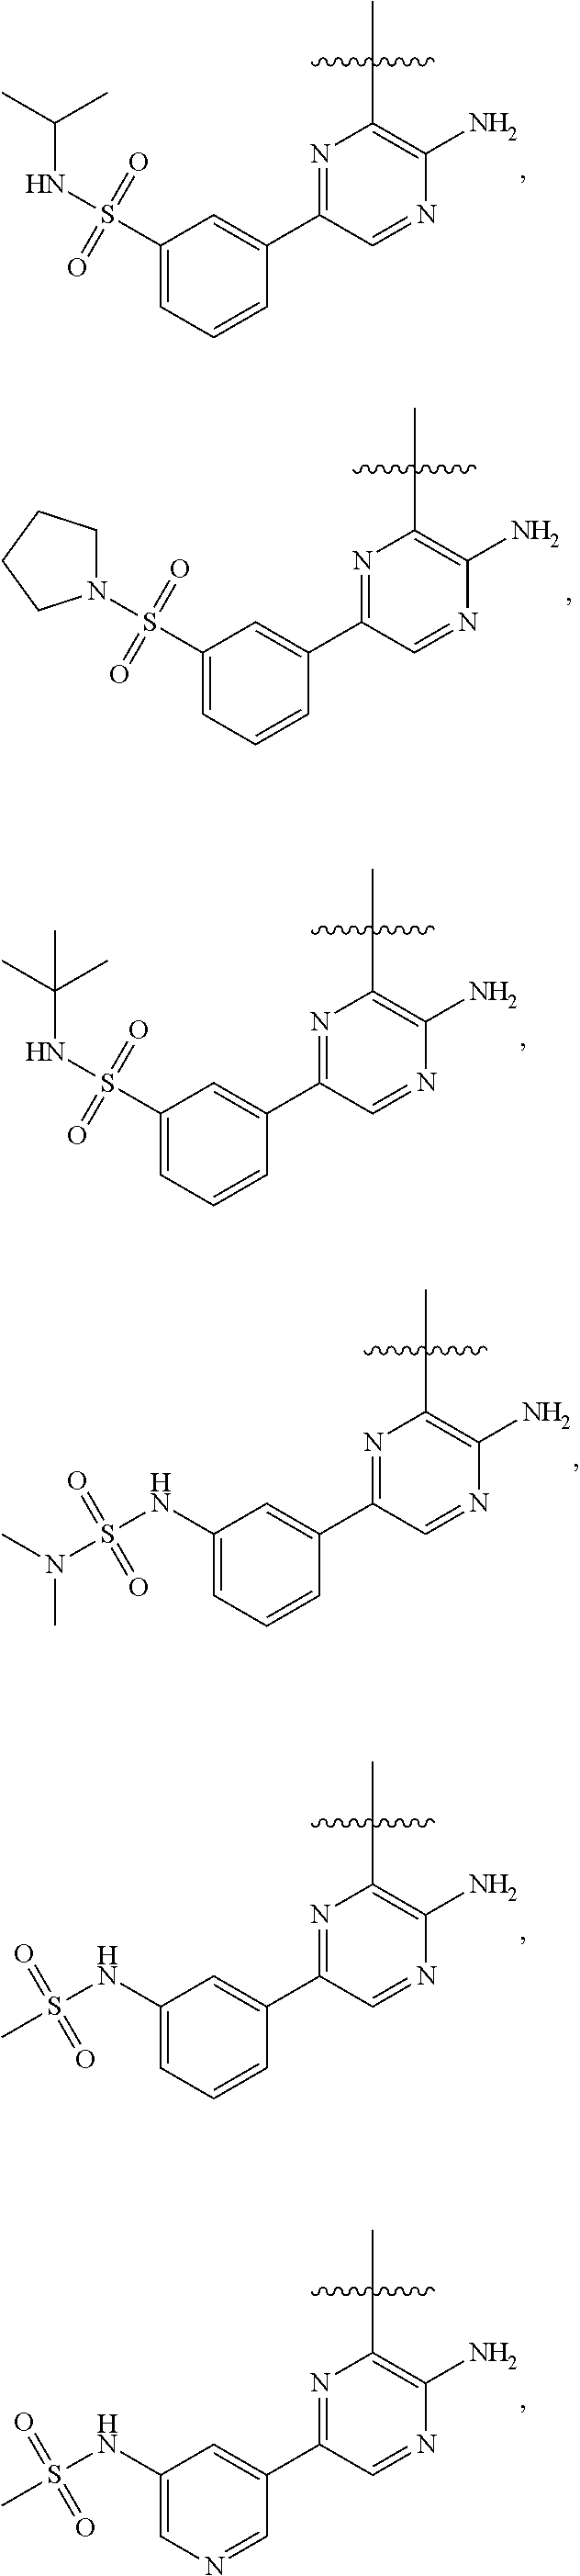 Figure US09708348-20170718-C00021